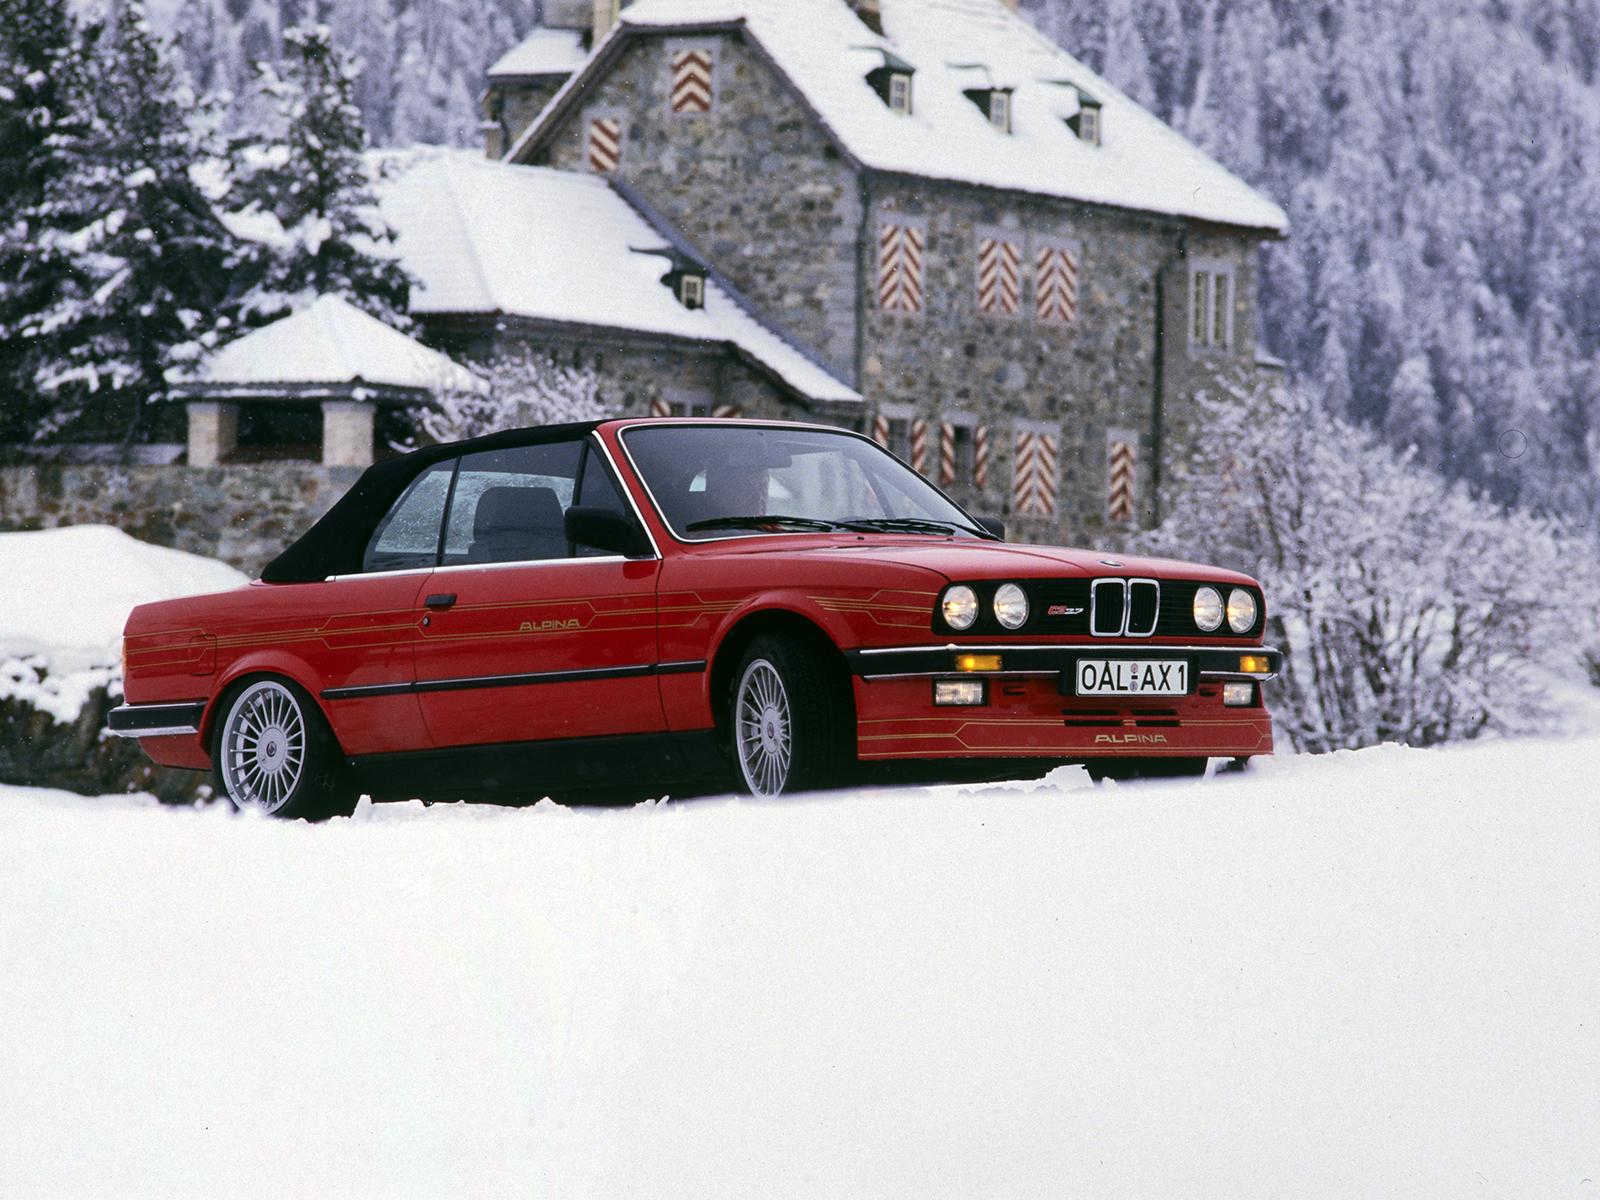 Bmw 3er E30 Alpina Automobiles